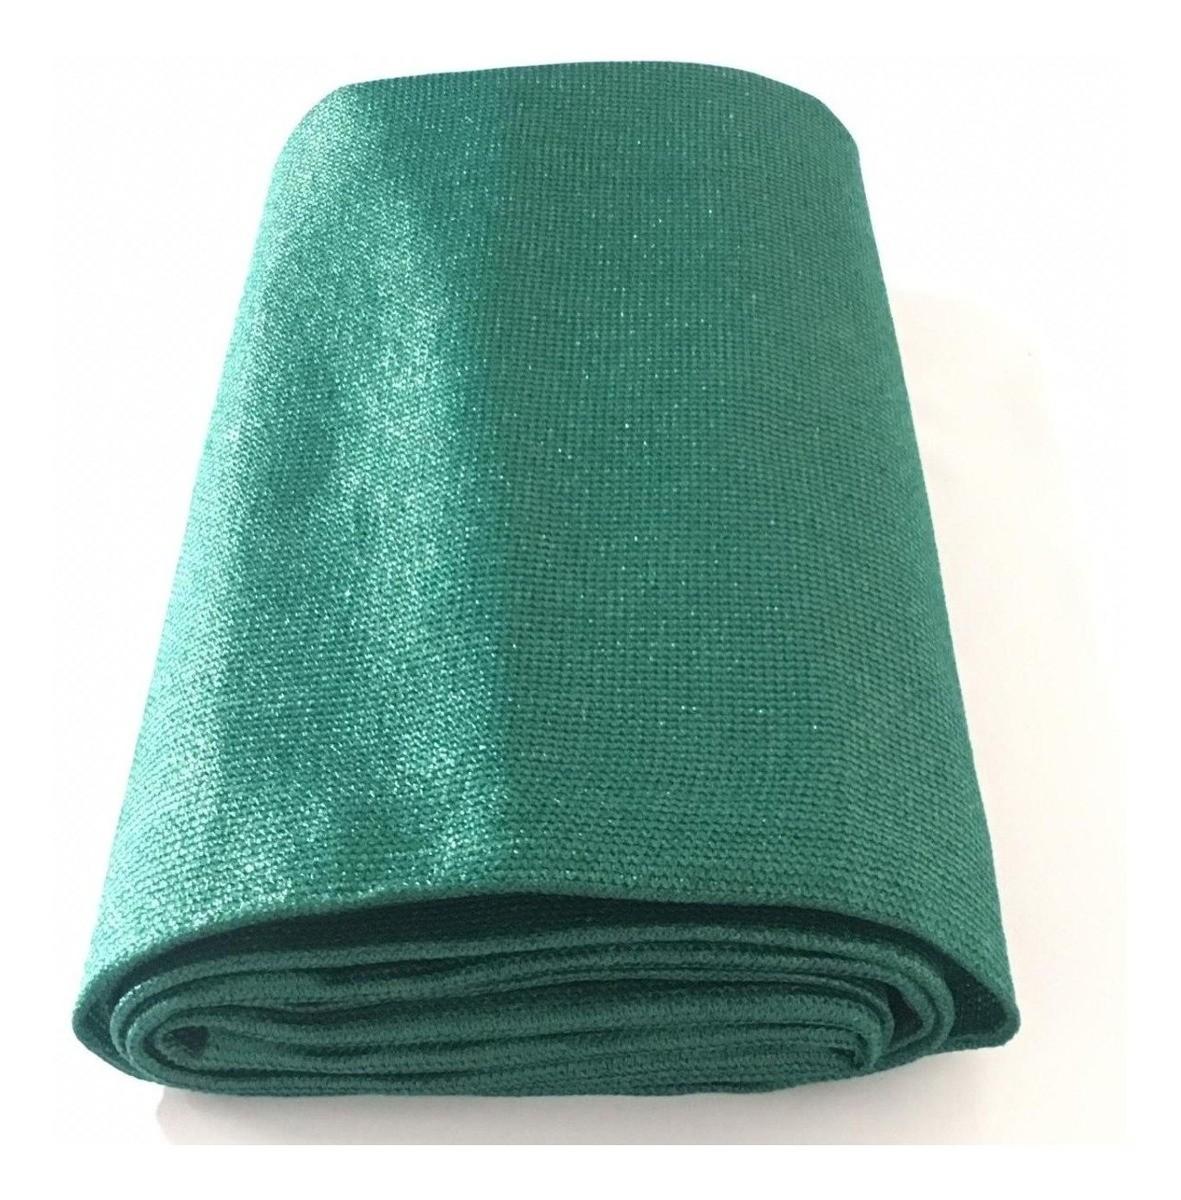 Tela Toldo Shade Decorativa Verde Com Bainha e Ilhós 4x8m